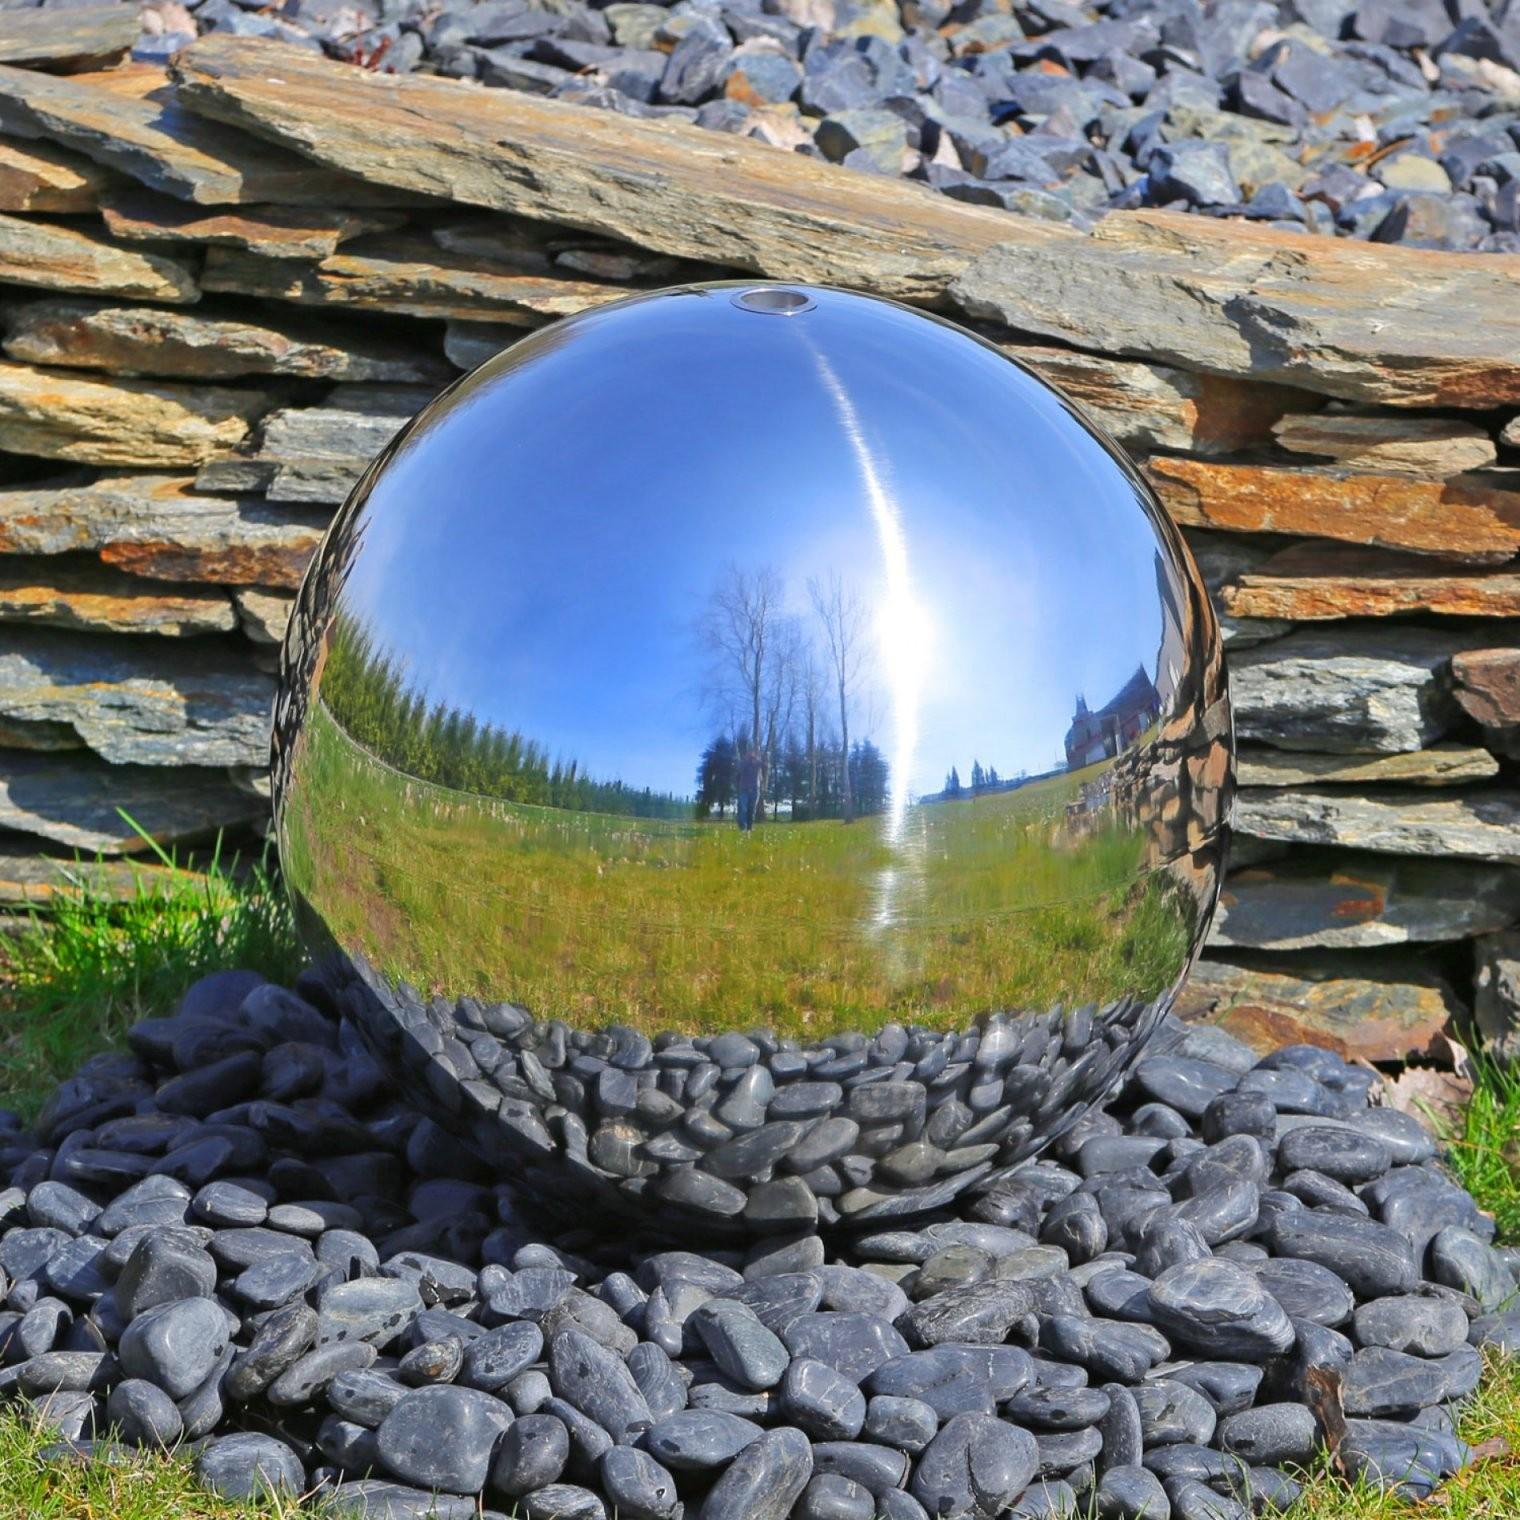 Große Kugel 48Cm Für Springbrunnenbau Mit Led Beleuchtung Wasserspiel von Gartenbrunnen Edelstahl Mit Beleuchtung Bild